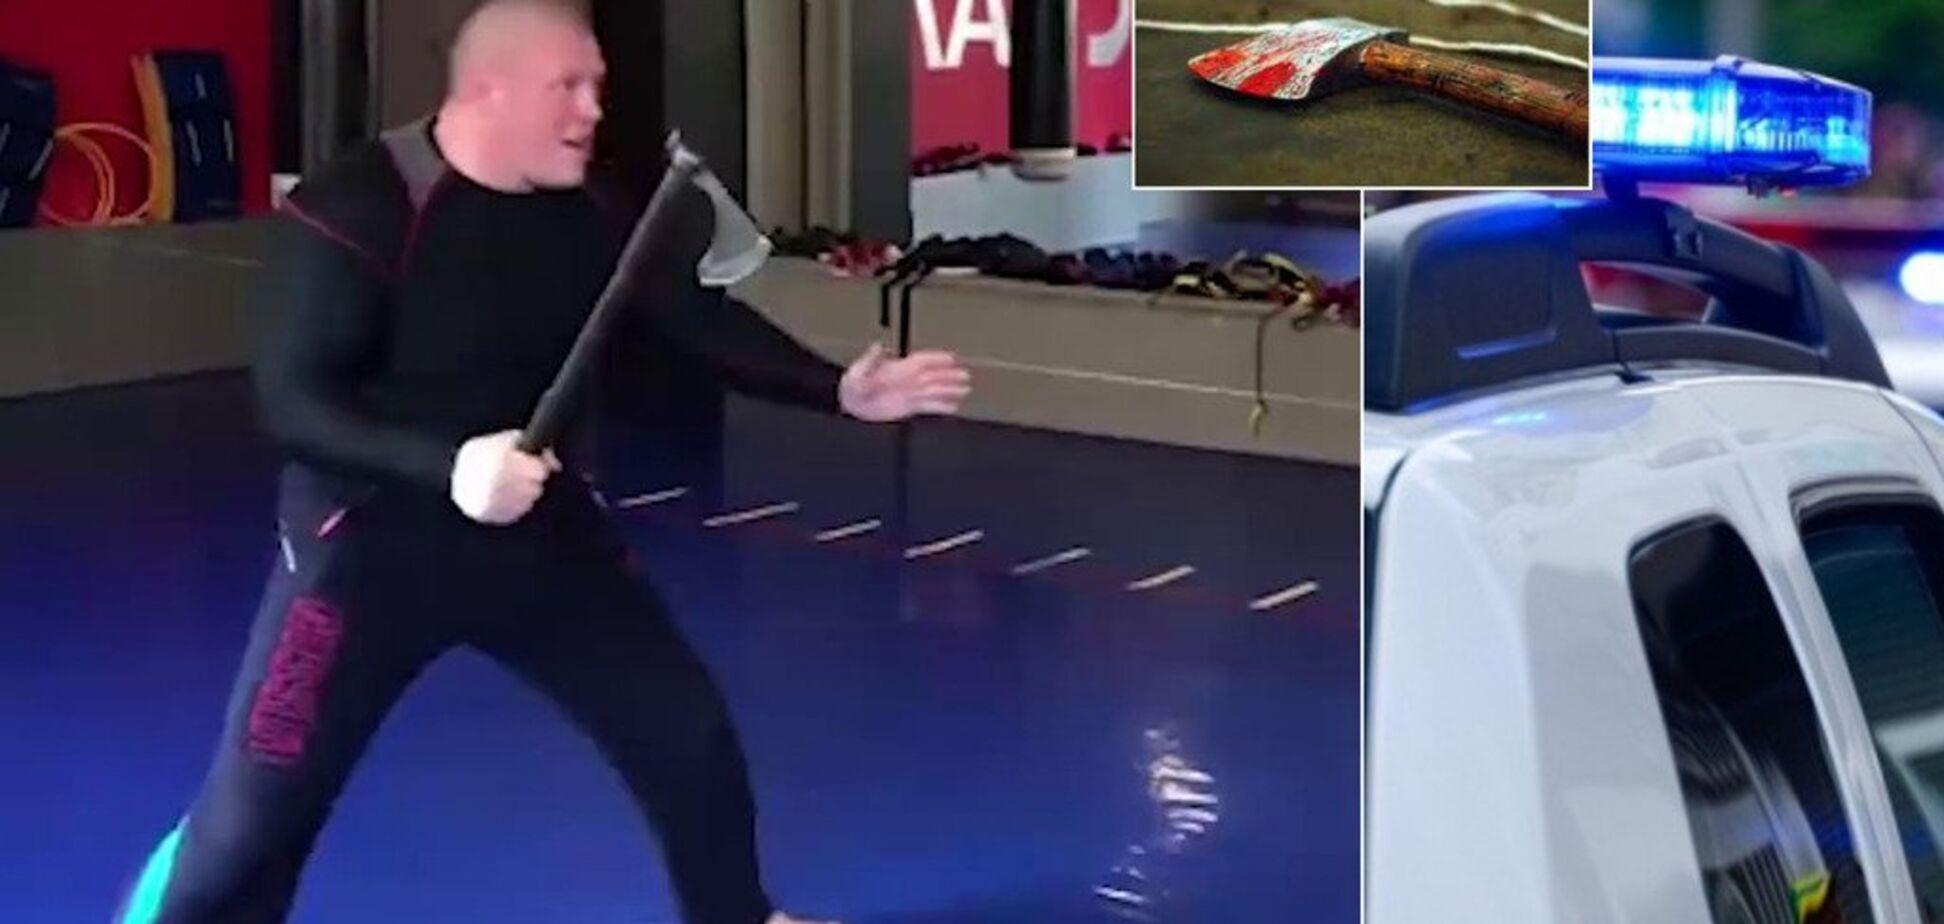 Российский боец ММА всадил топор в партнера и снял это на видео